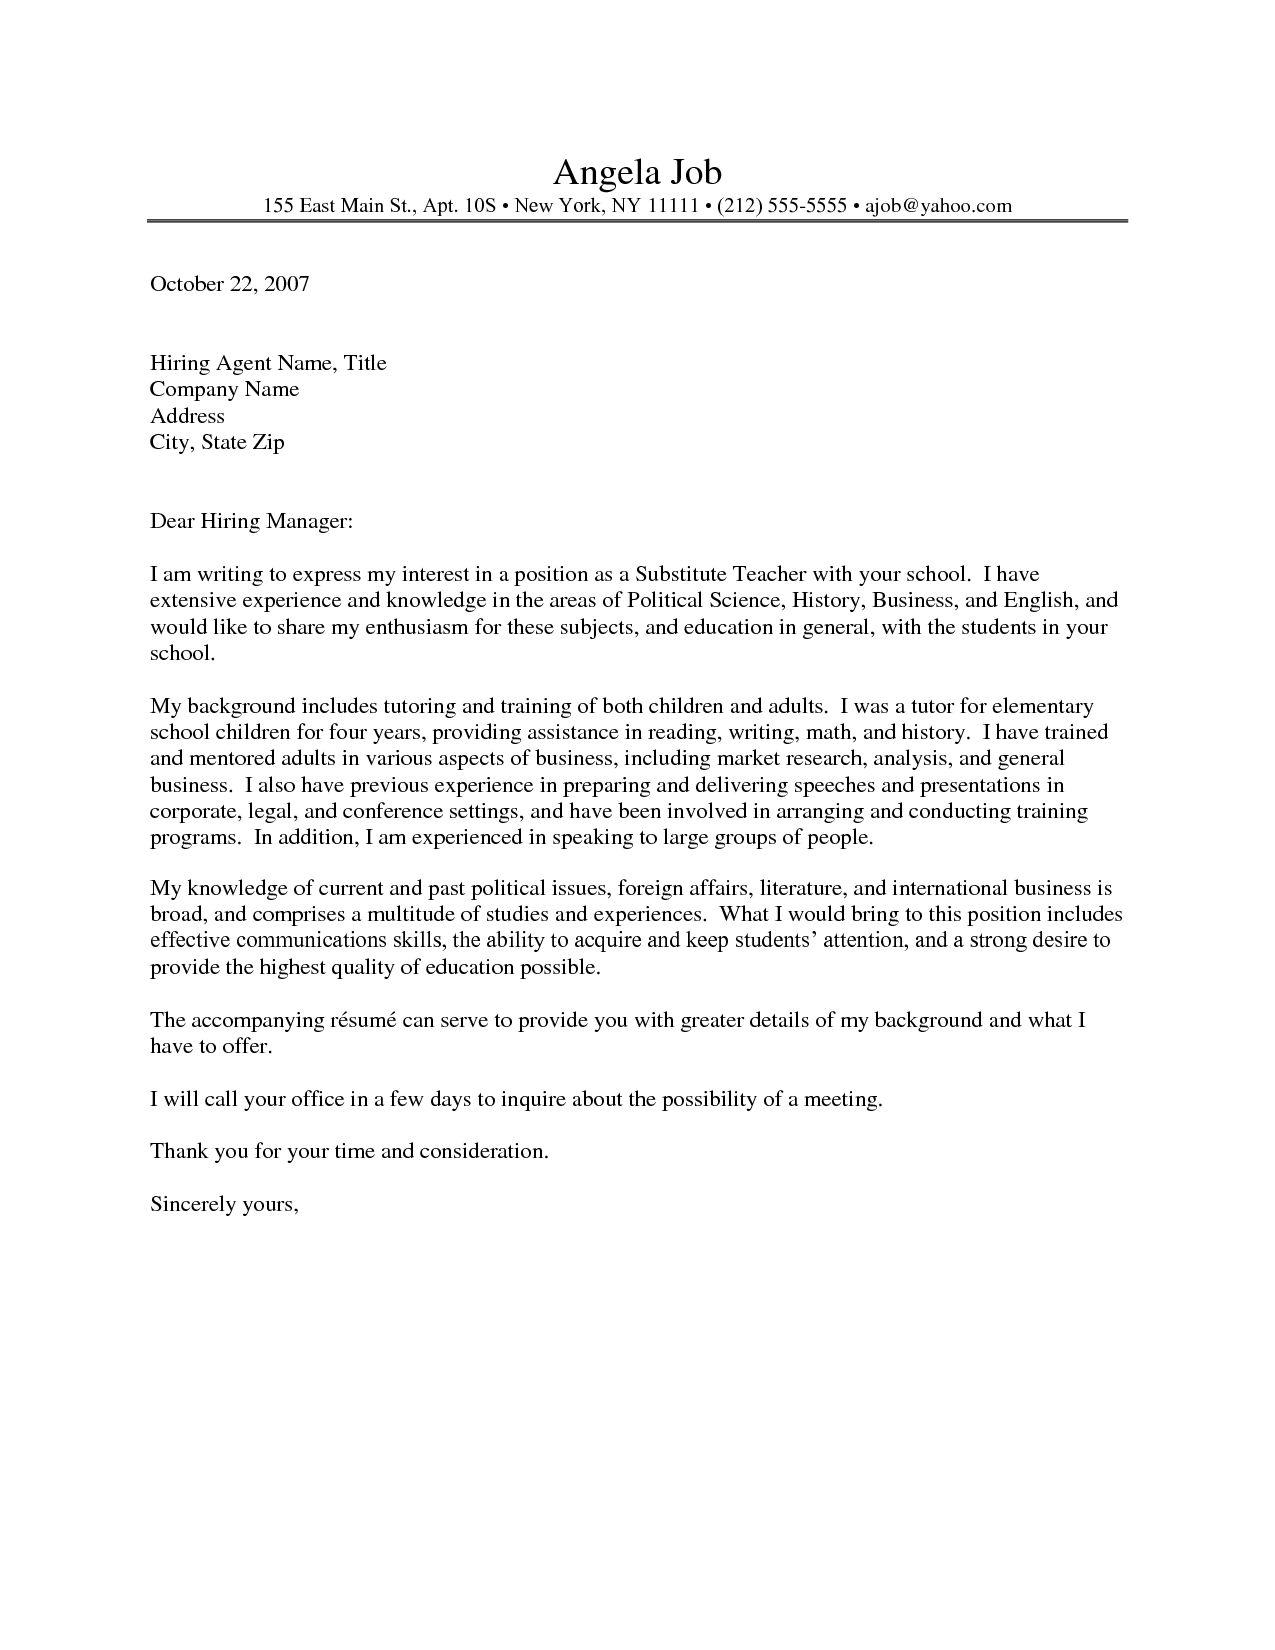 25 Sample Cover Letter For Teacher Teacher Cover Letter Example Cover Letter Teacher Cover Letter For Resume